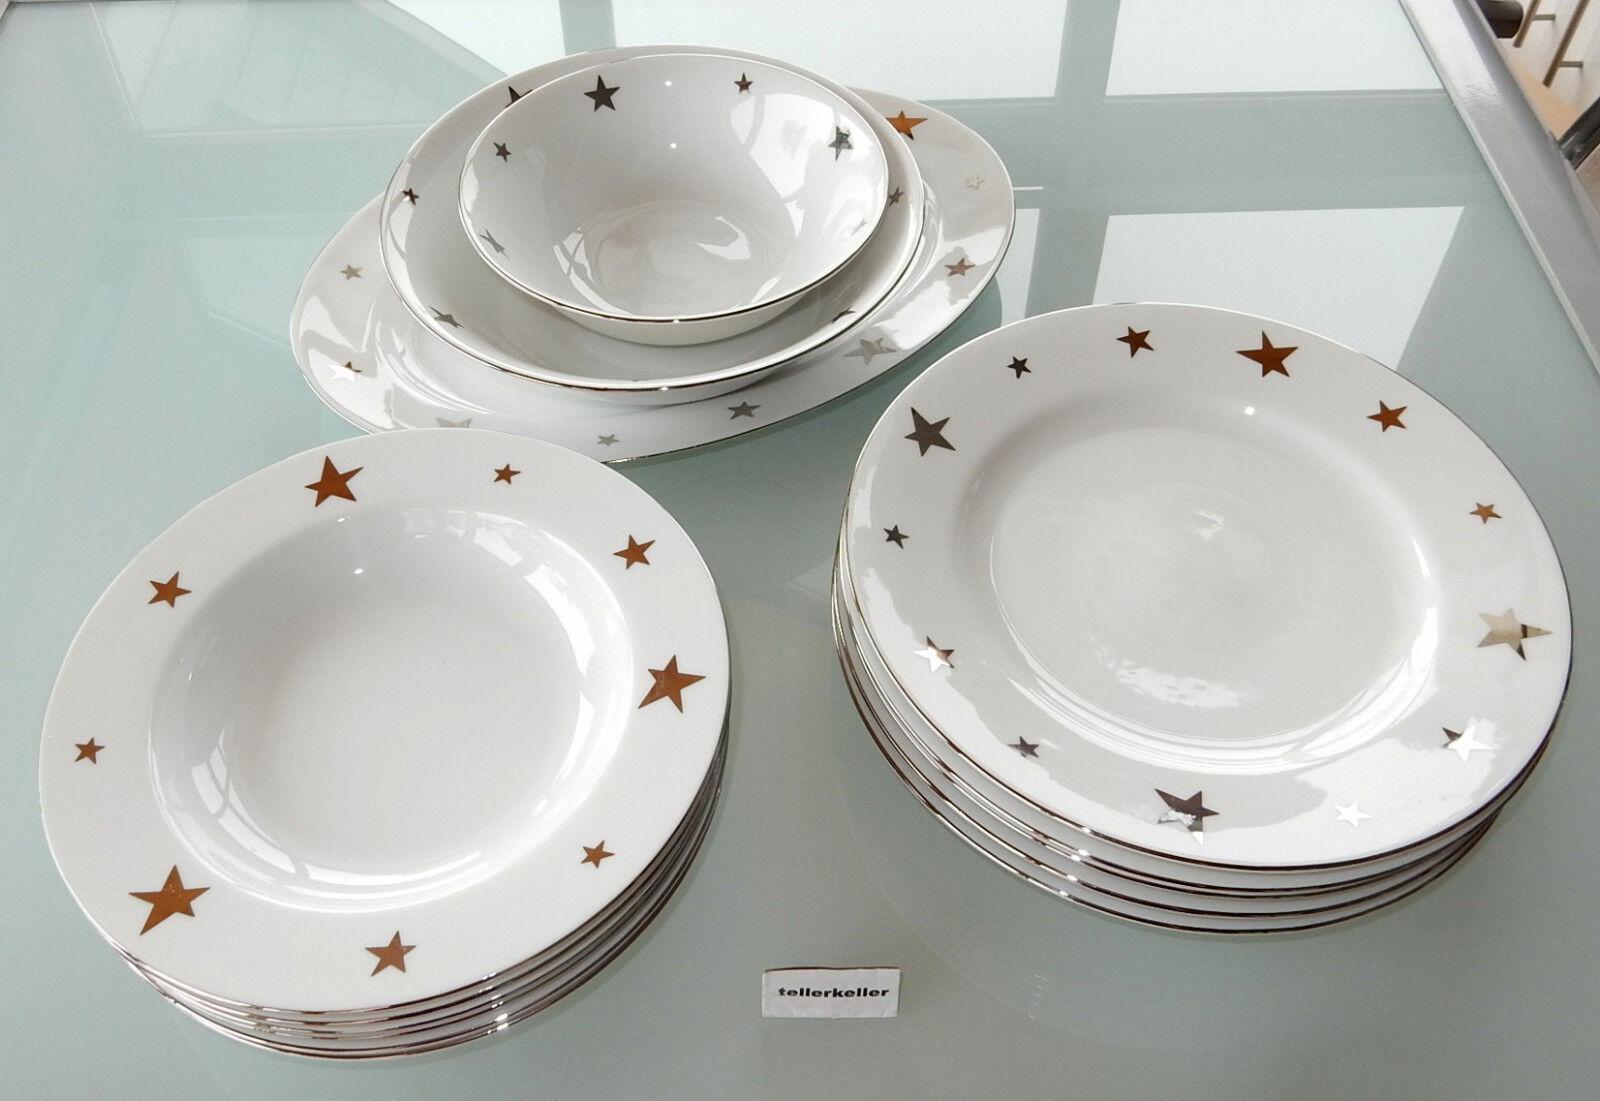 Ikea Weißnachten Sterne Silber Speiseservice 6 Pers. 15 tlg Speise Suppen Teller